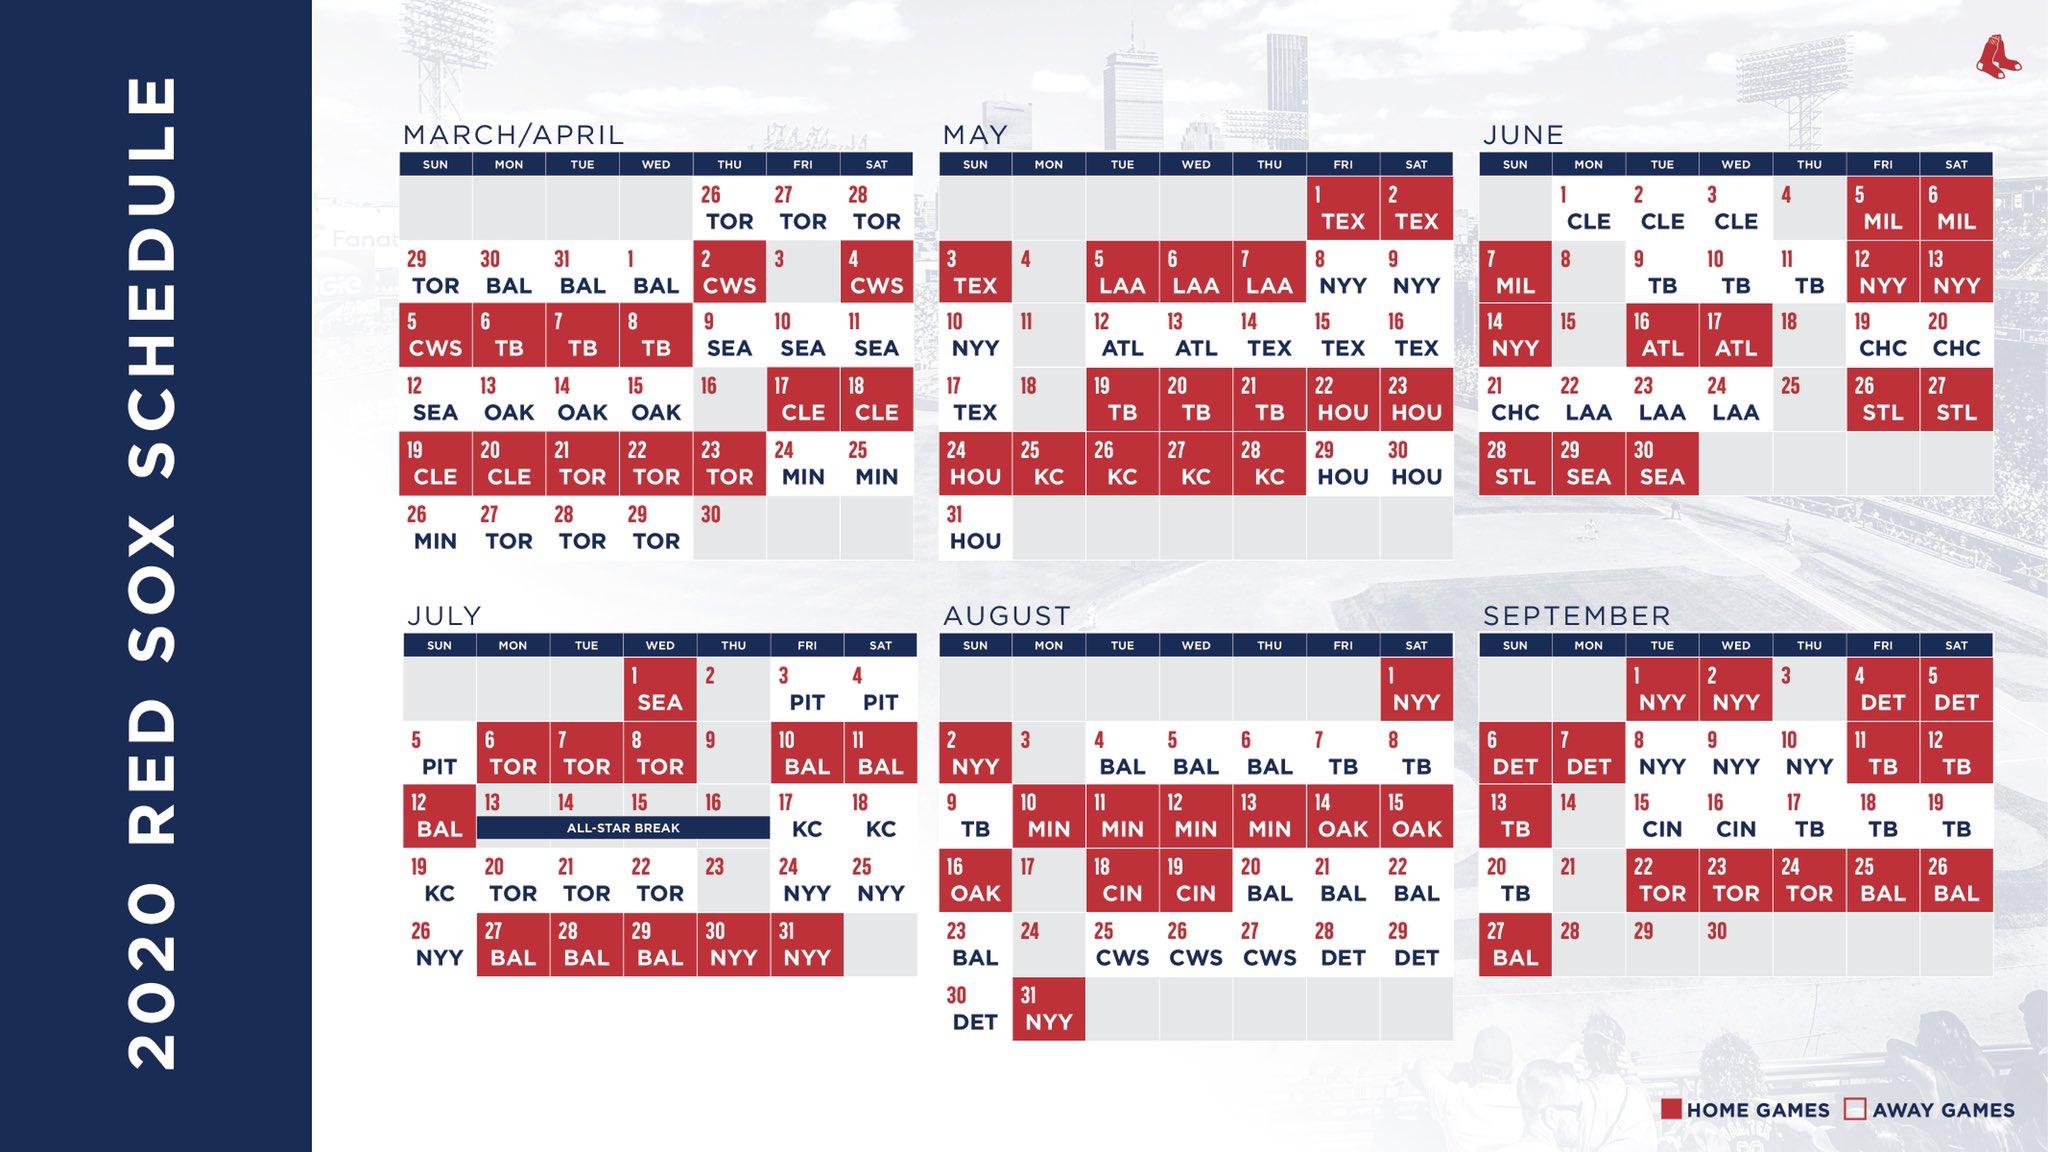 Atlanta Braves Schedule 2020 Printable   Calendar For Planning with regard to React Native Calendar Agenda